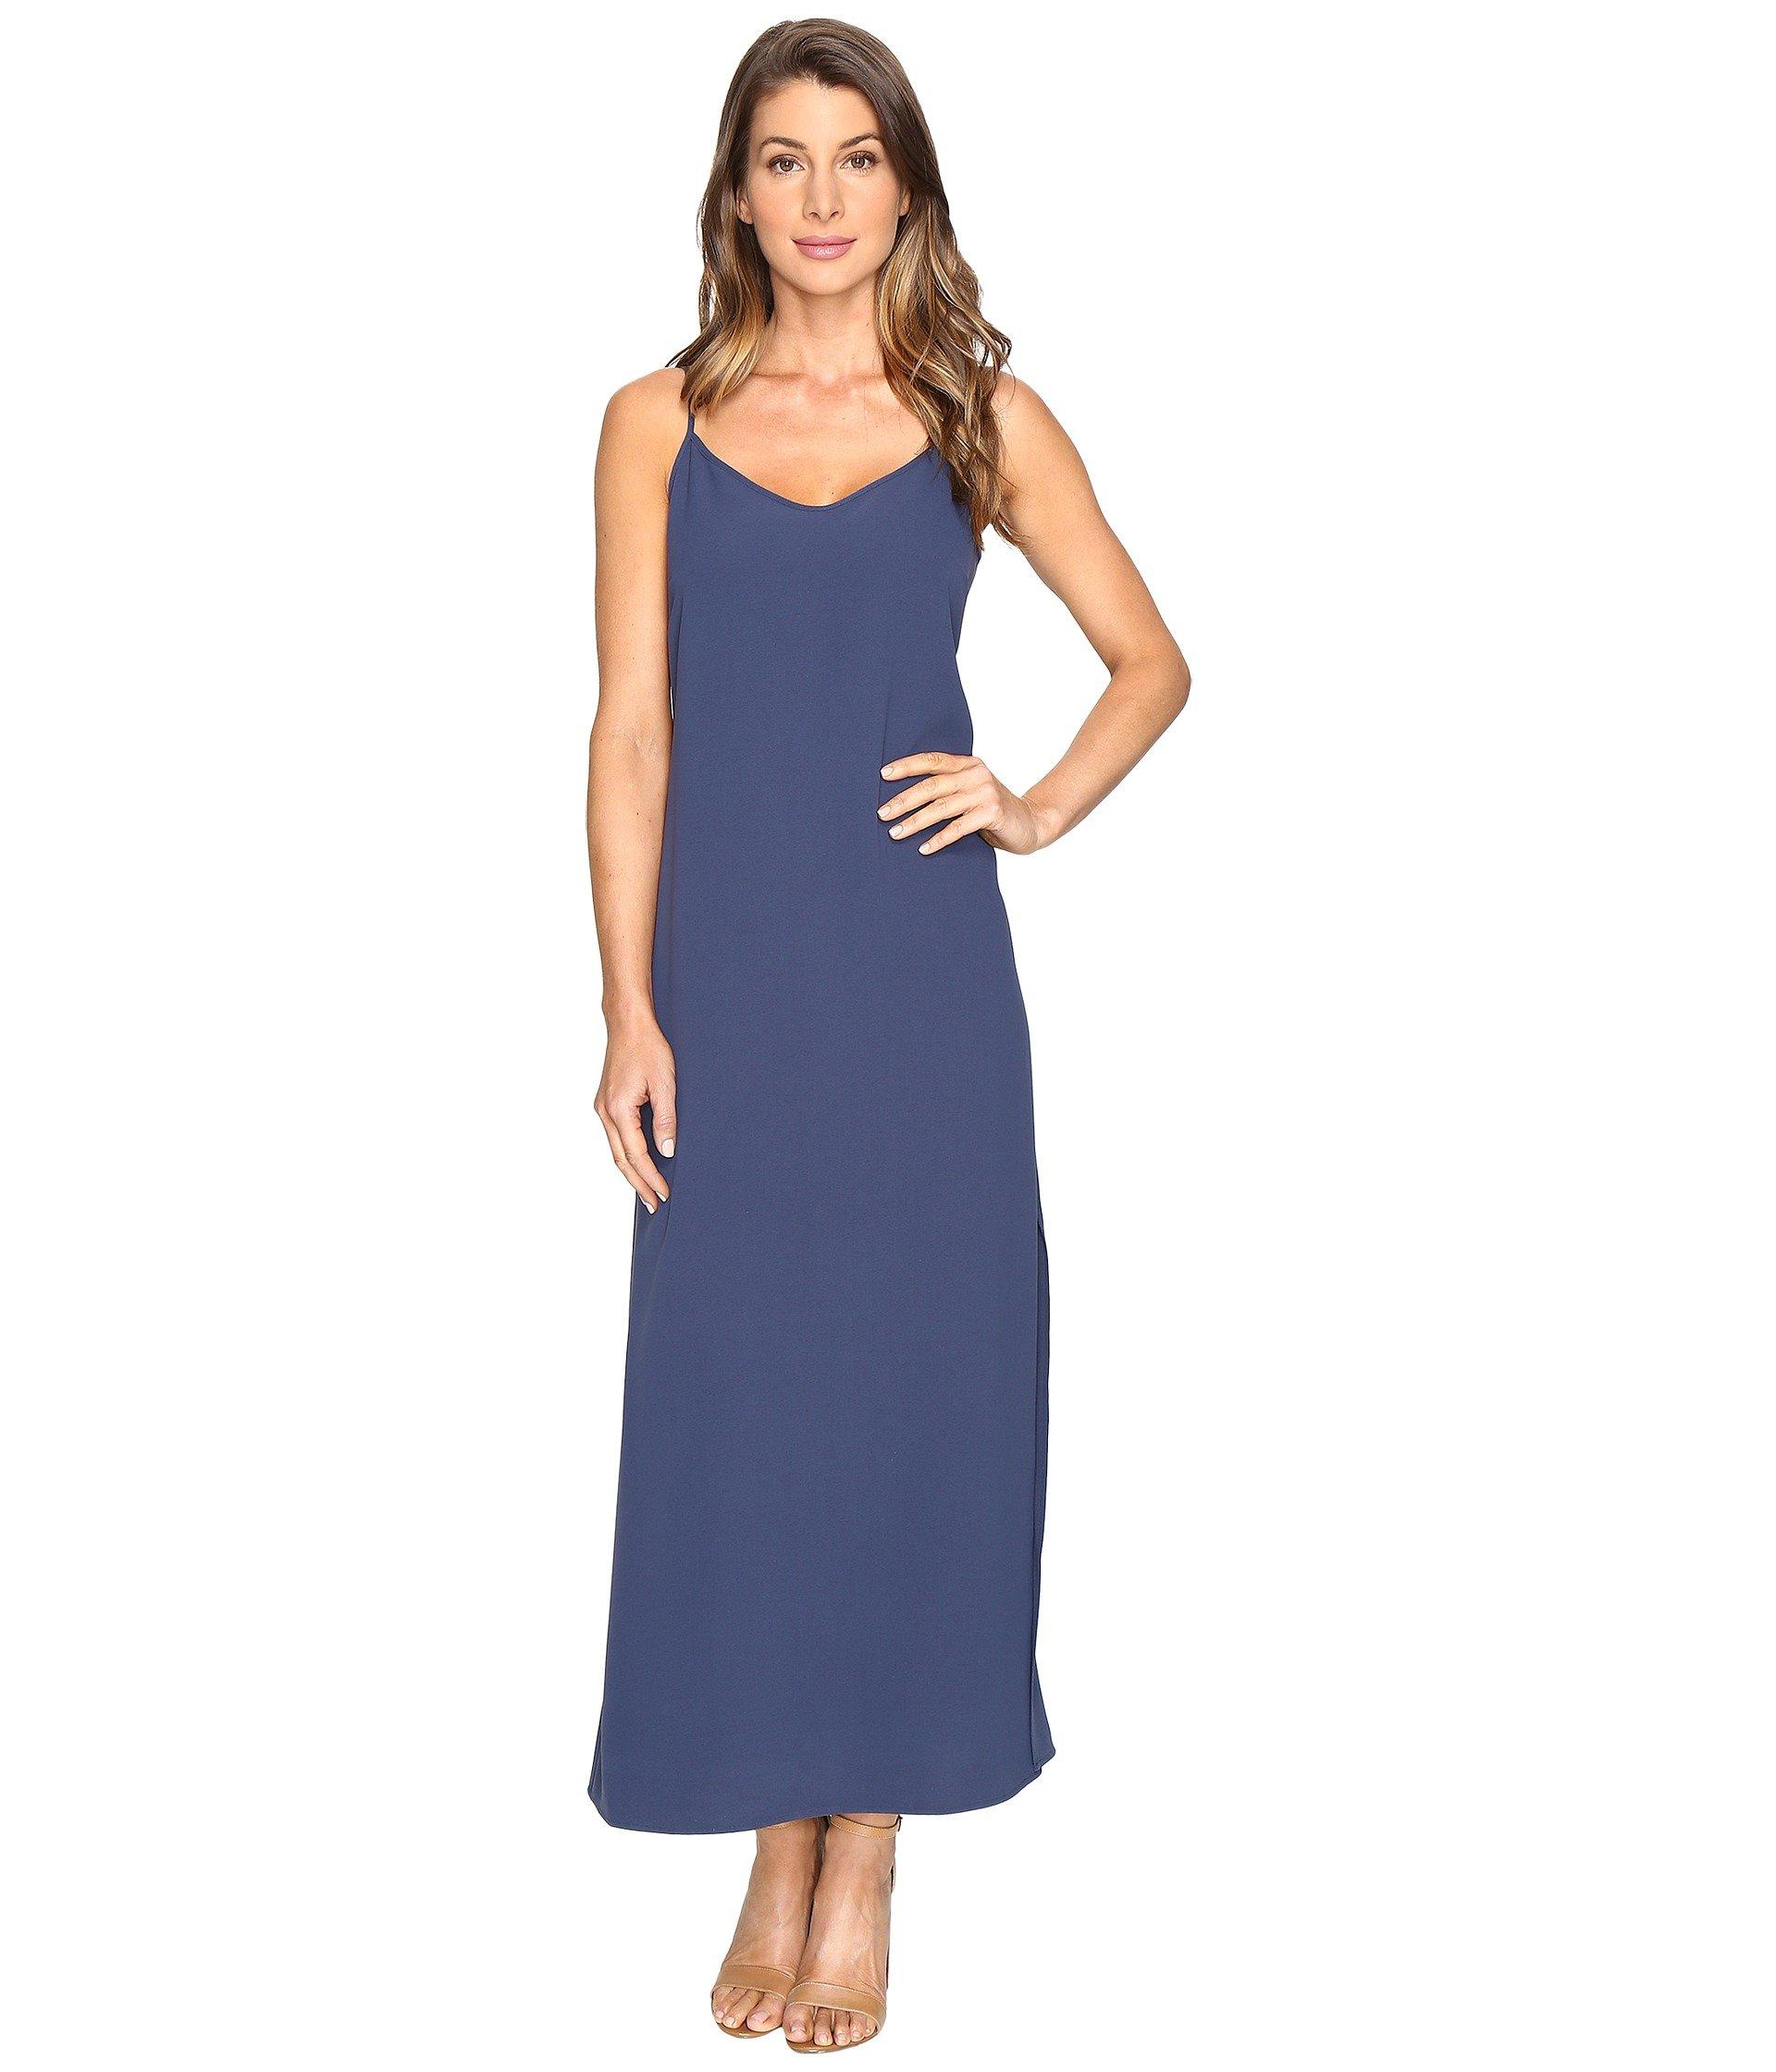 Pamona Slip Dress